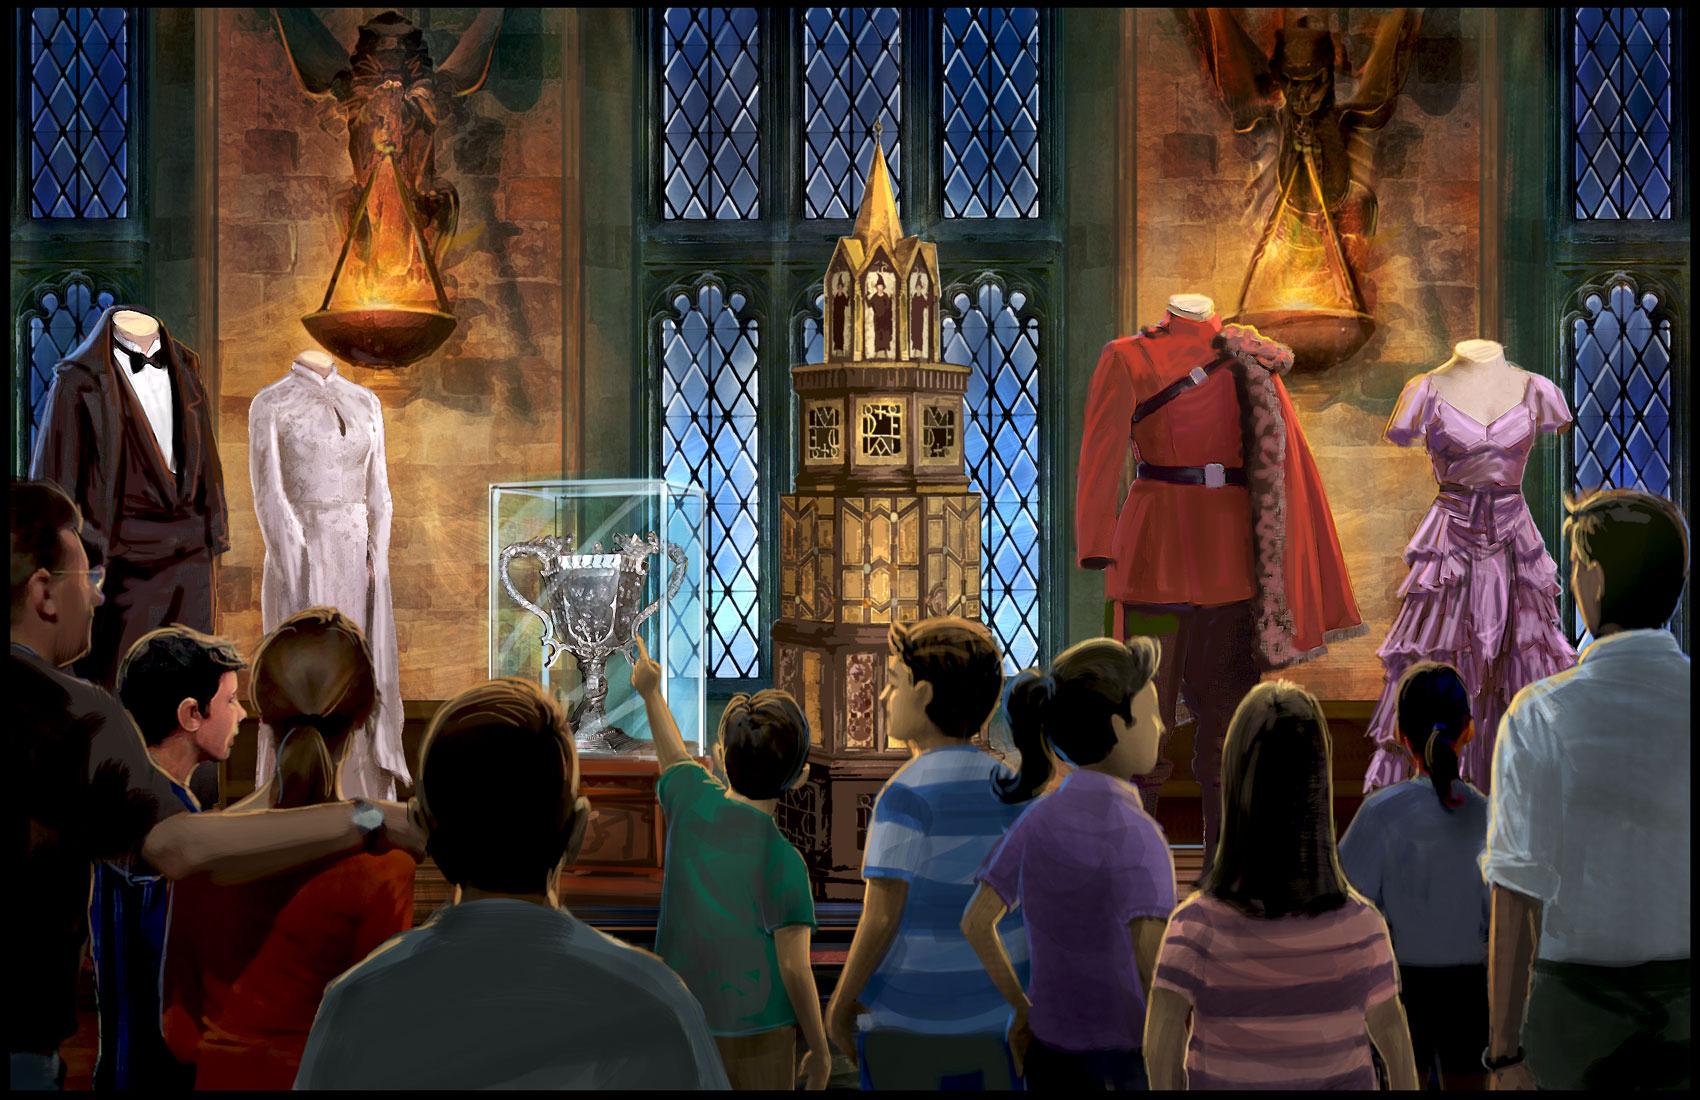 Gran comedor harry potter la exhibici n blog hogwarts for Comedor harry potter